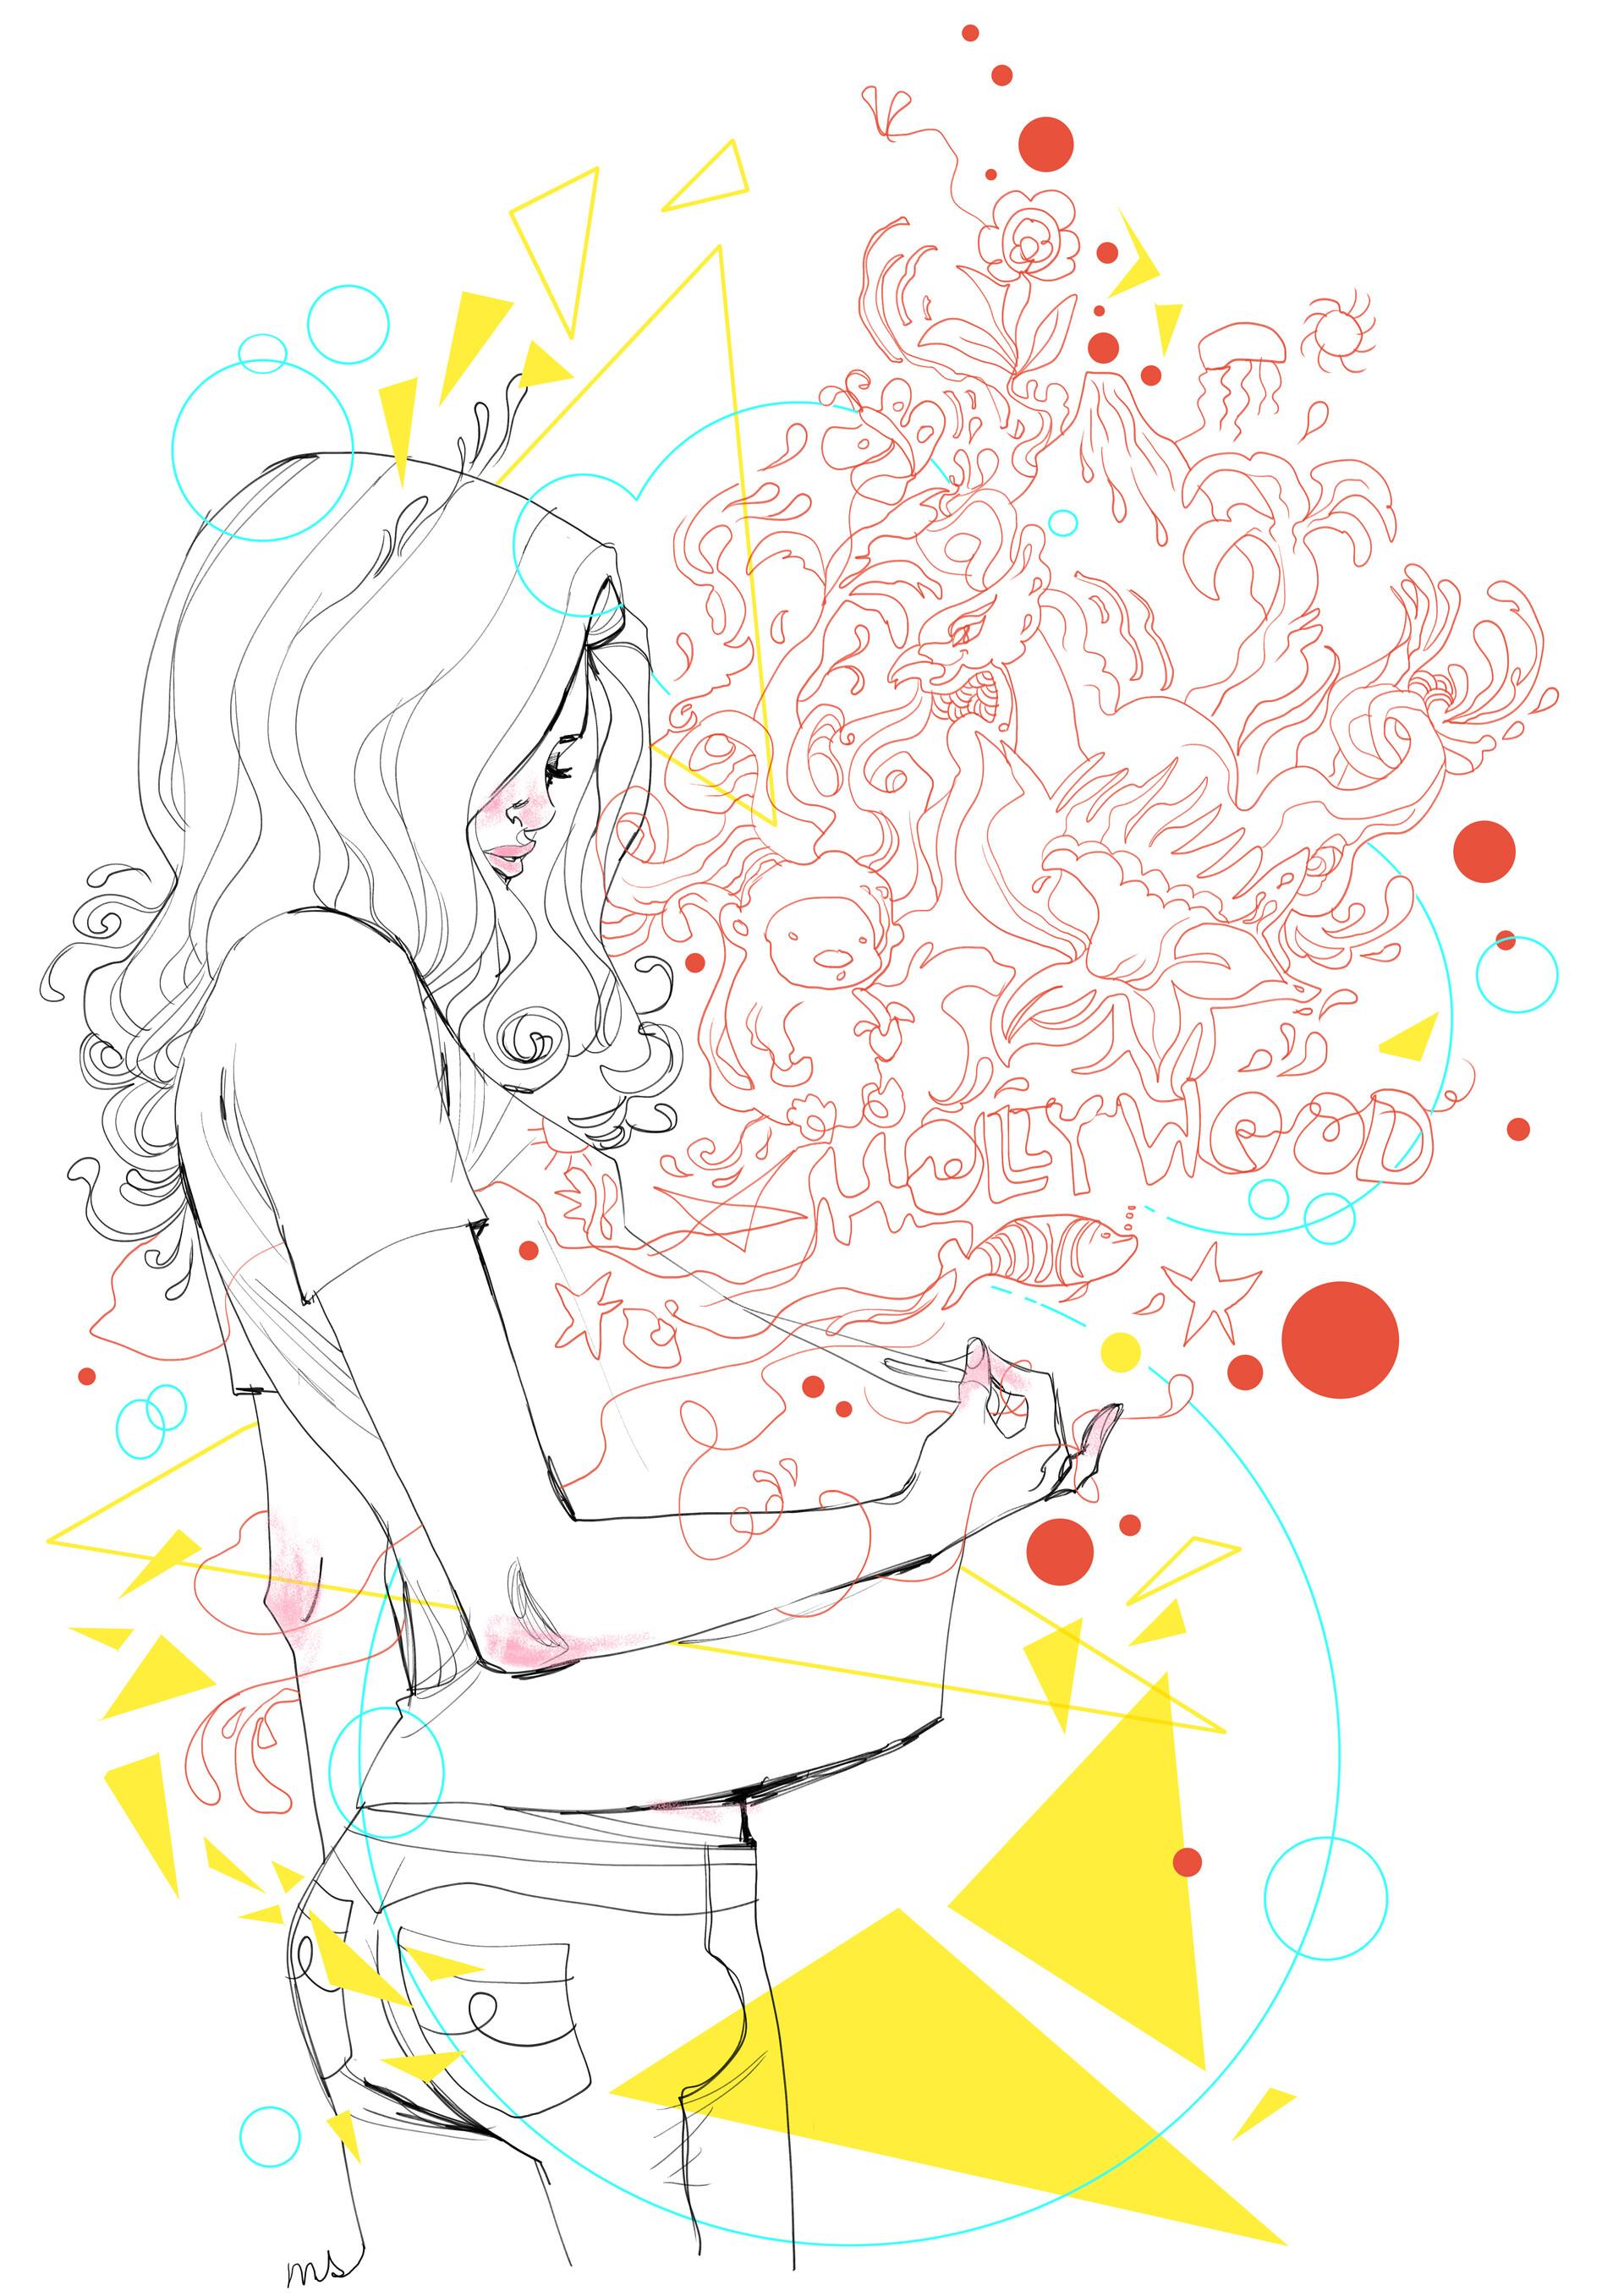 Marguerite sauvage designfacethis ms ap